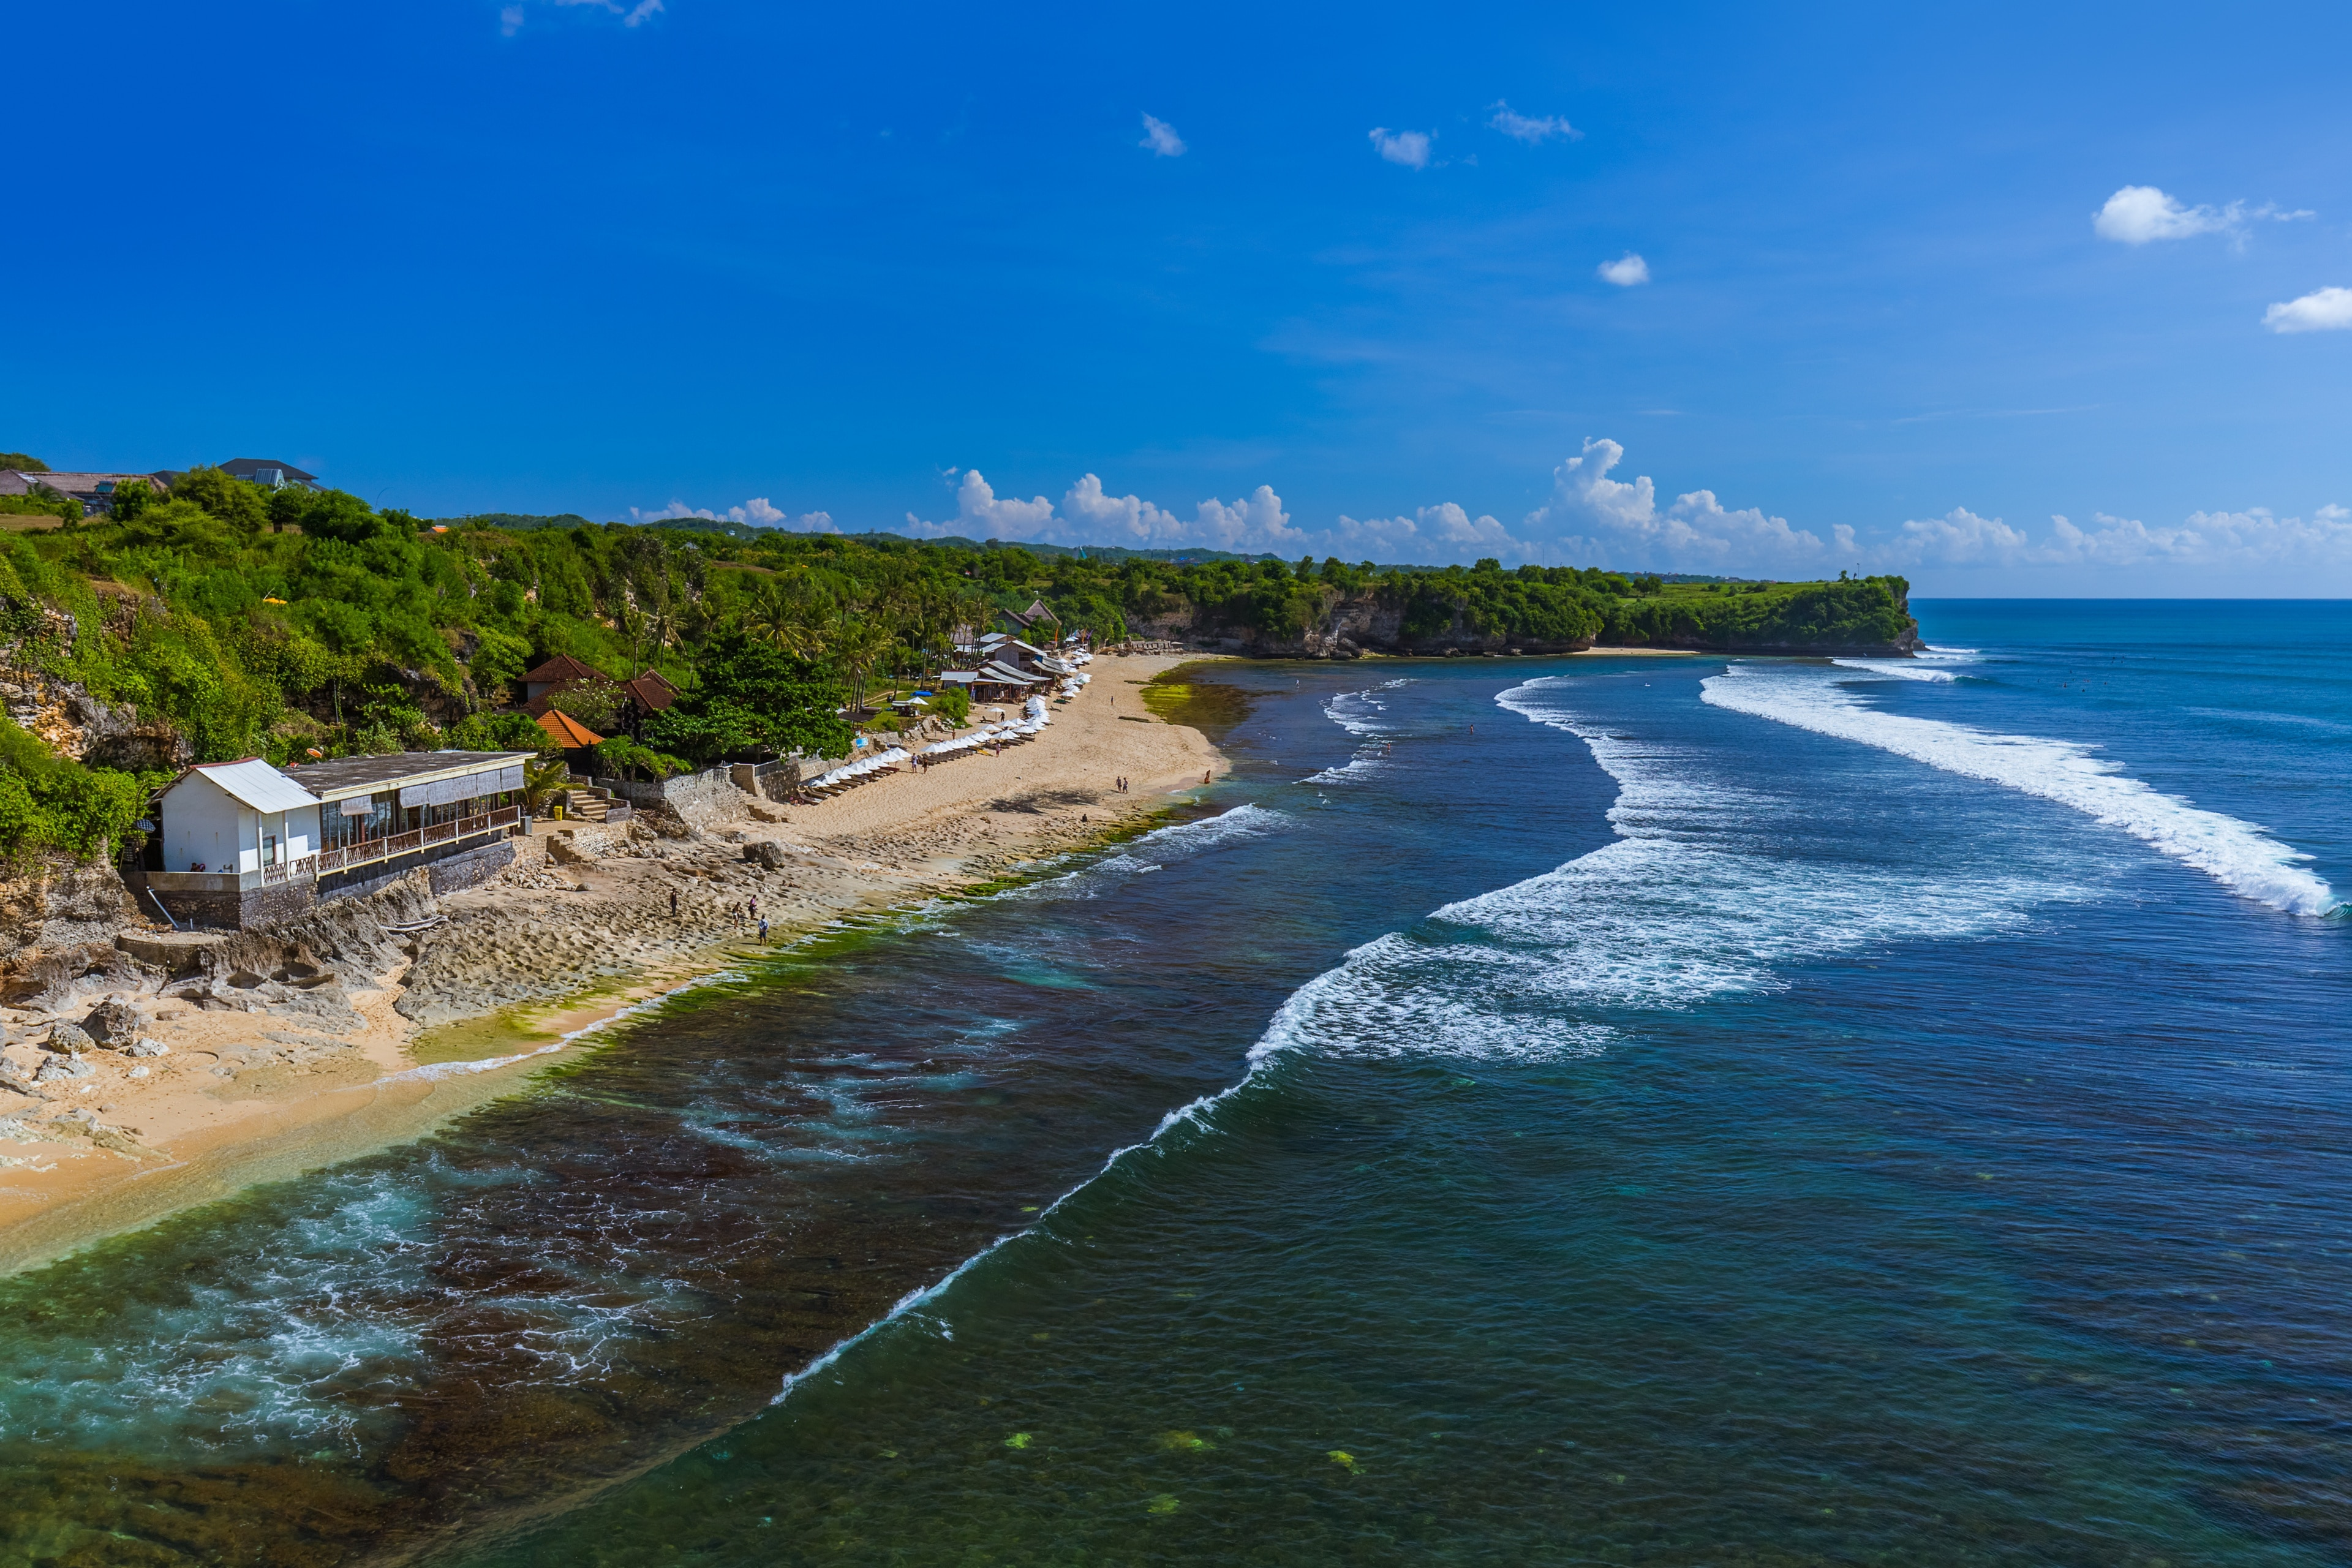 Jimbaran, Bali, Indonesia